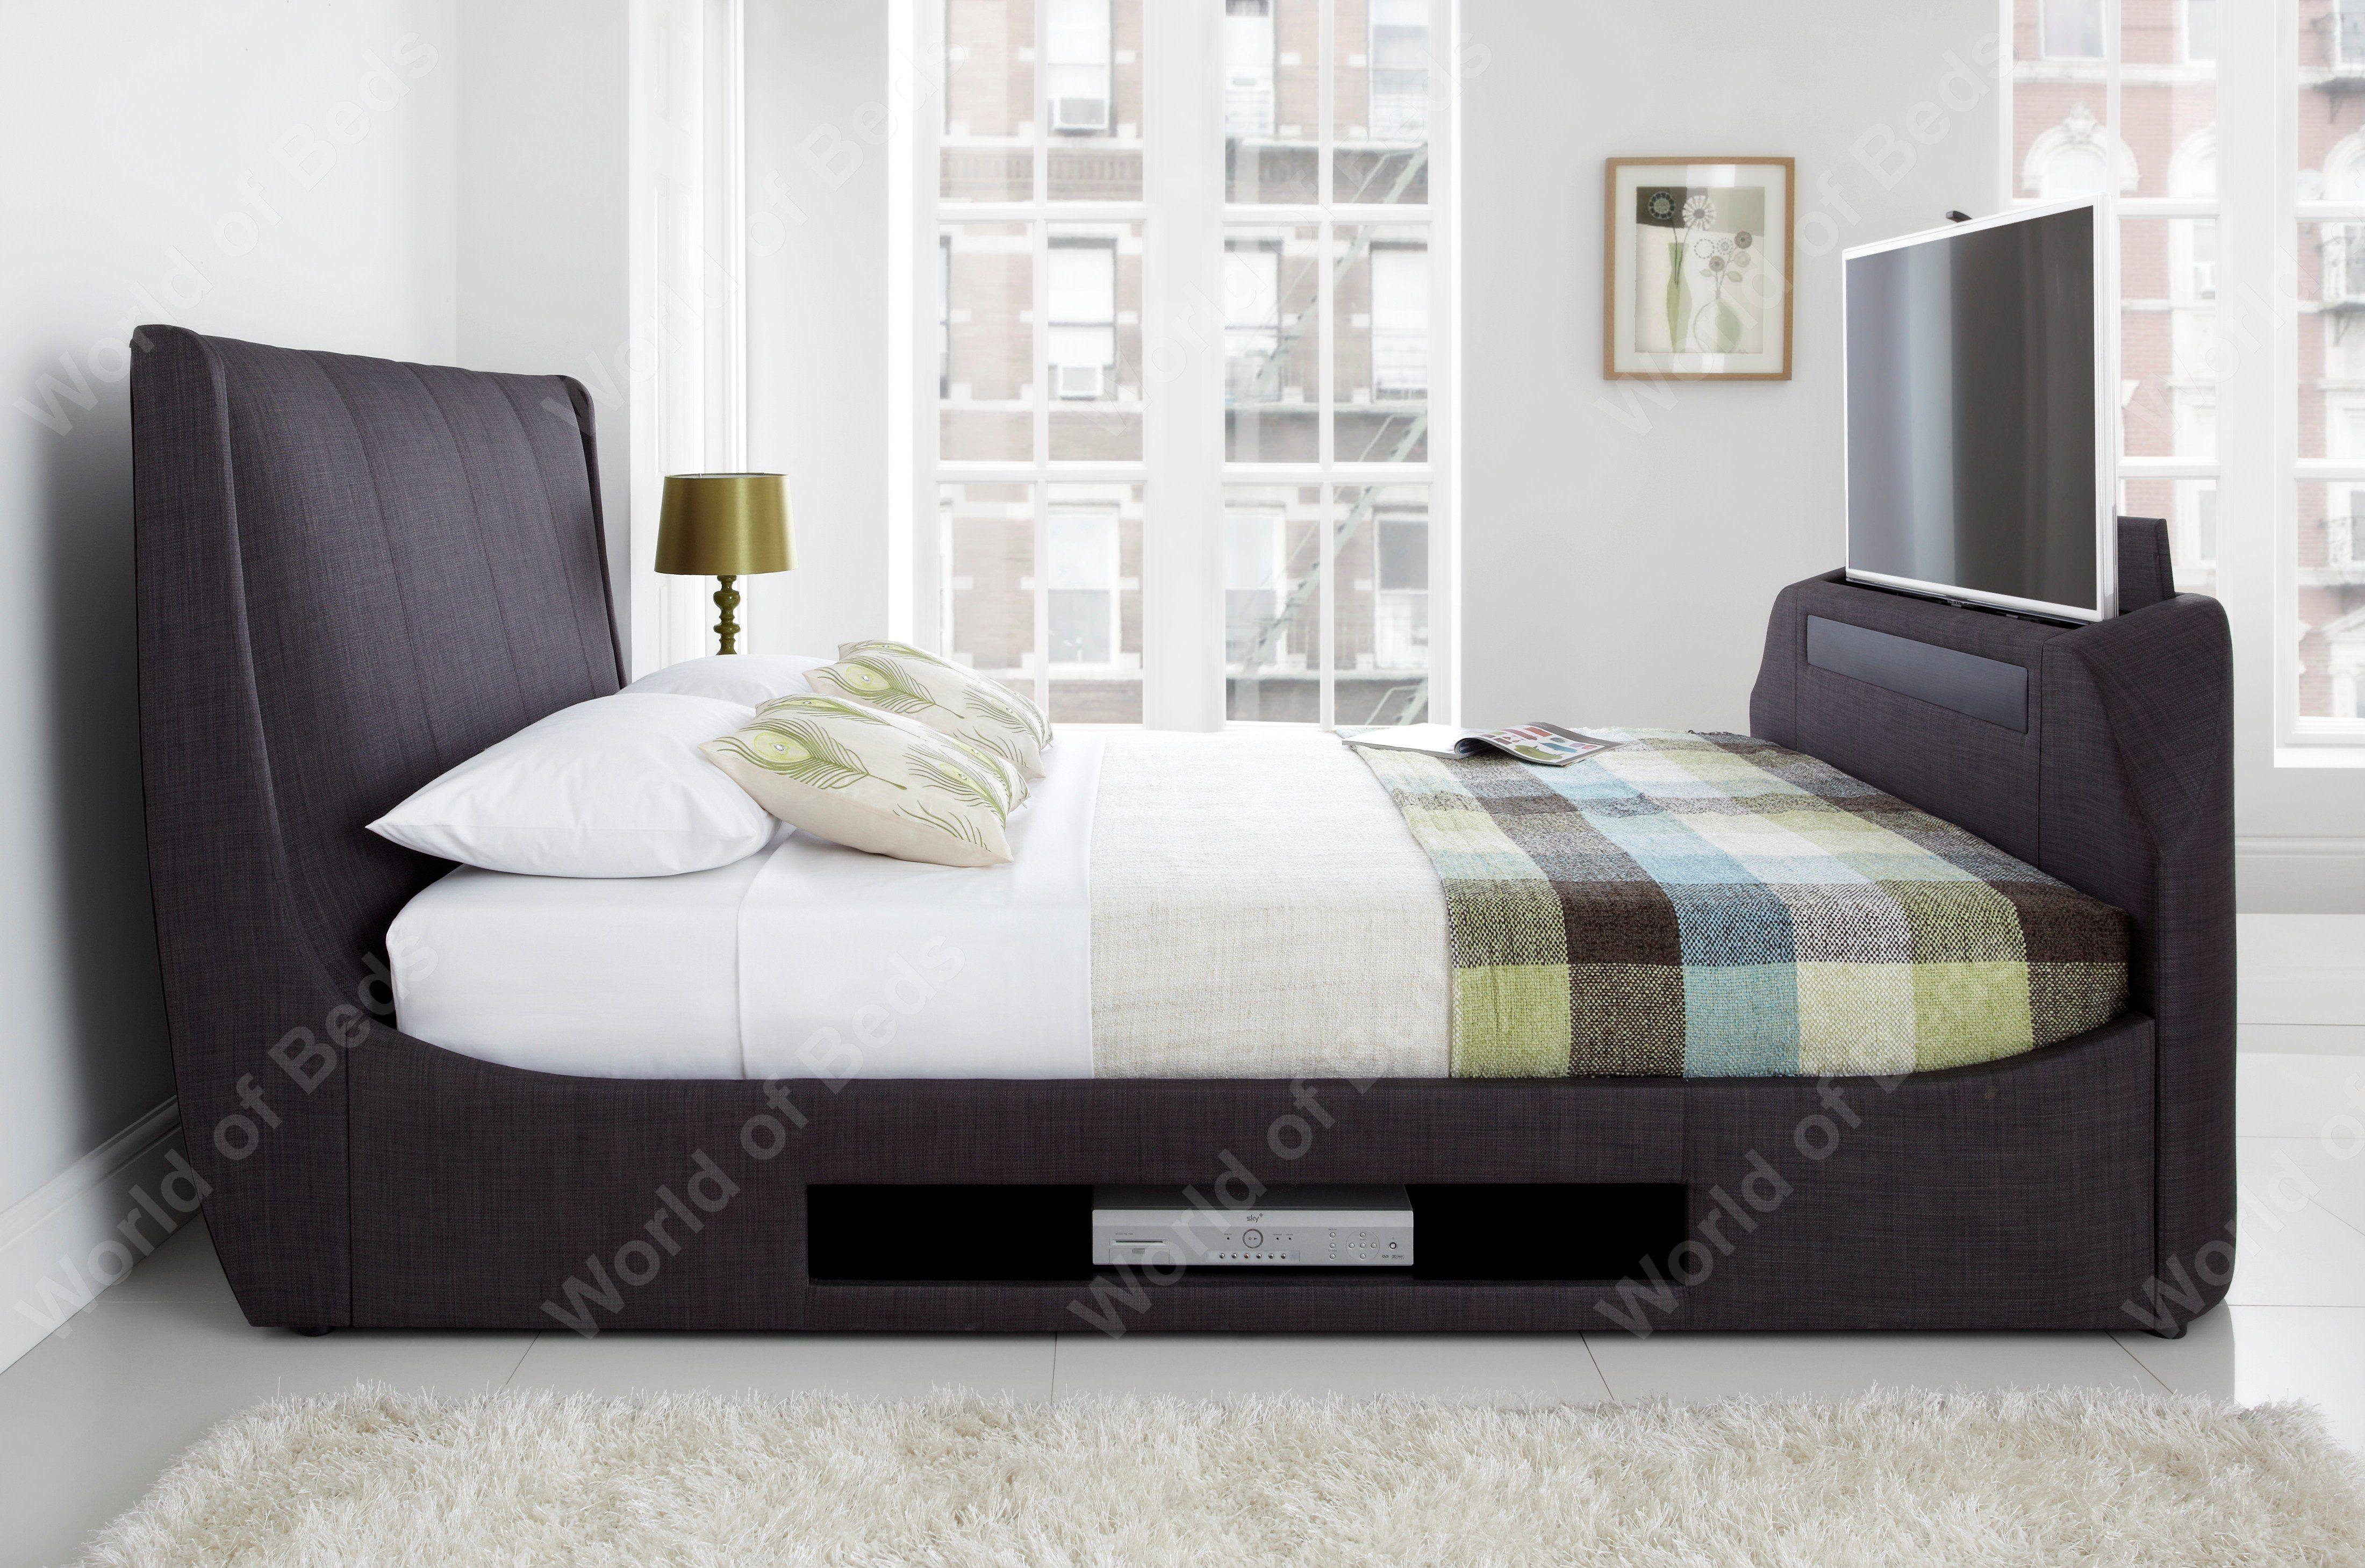 Rocking crib for sale doncaster - Kaydian Somner Tv Bed Sound Bar